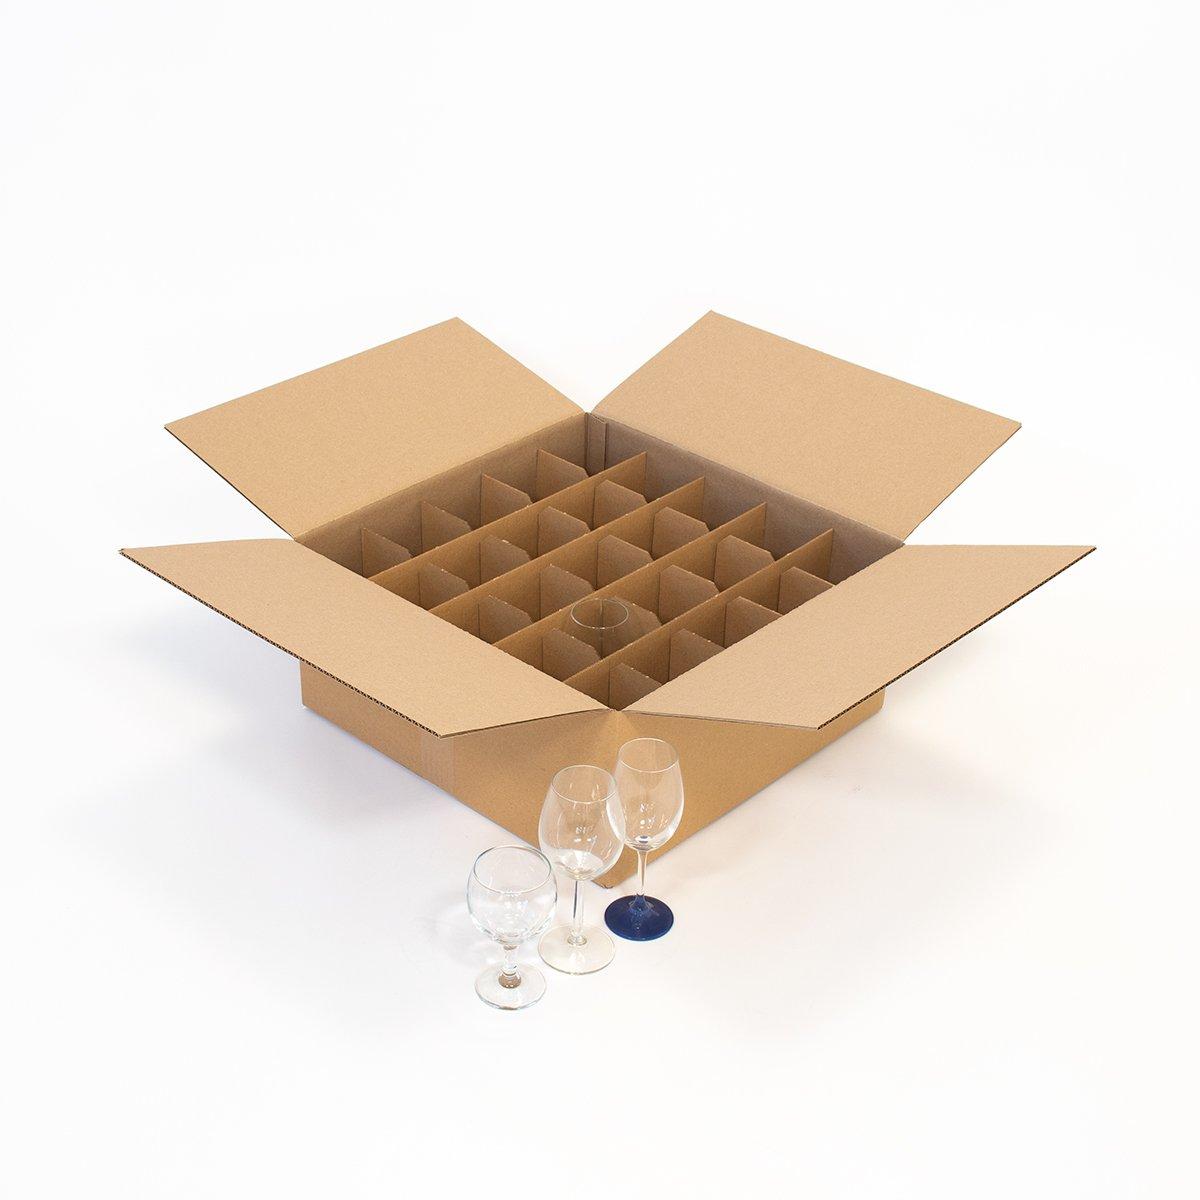 d coration kit meuble en carton pas cher 37 rennes kit meuble en carton pas cher meuble. Black Bedroom Furniture Sets. Home Design Ideas